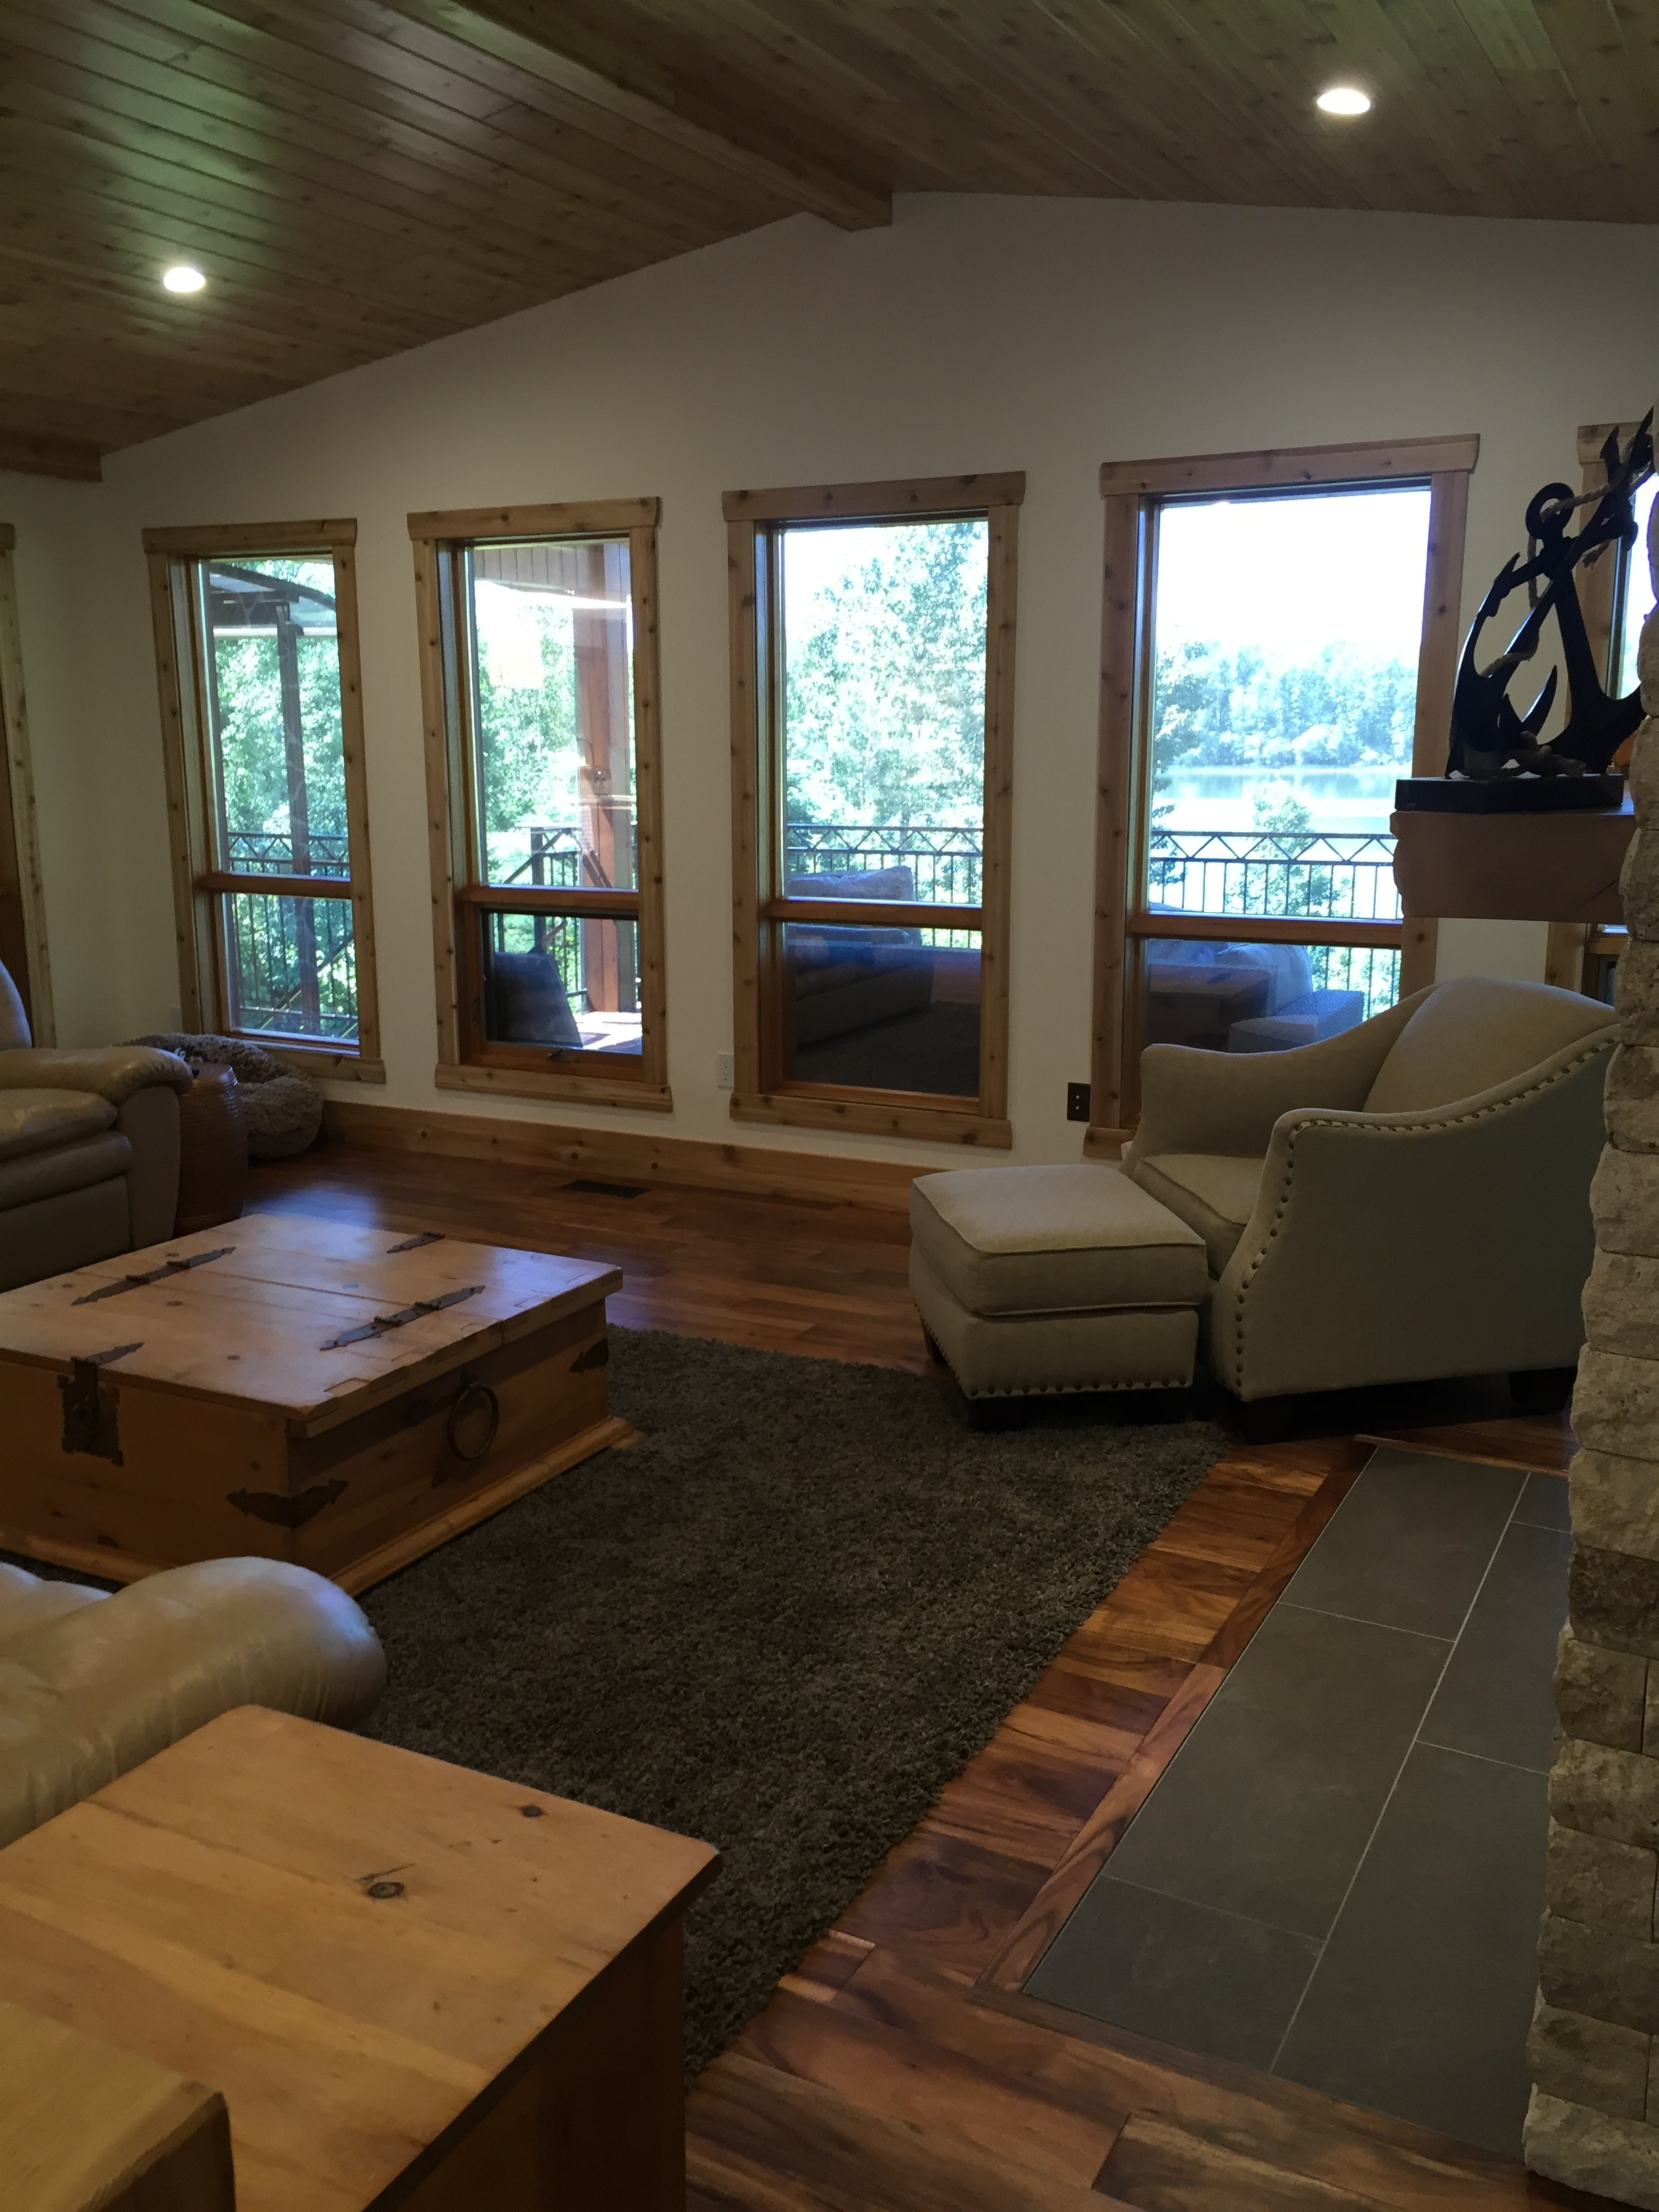 Cedar ceiling and window trim.